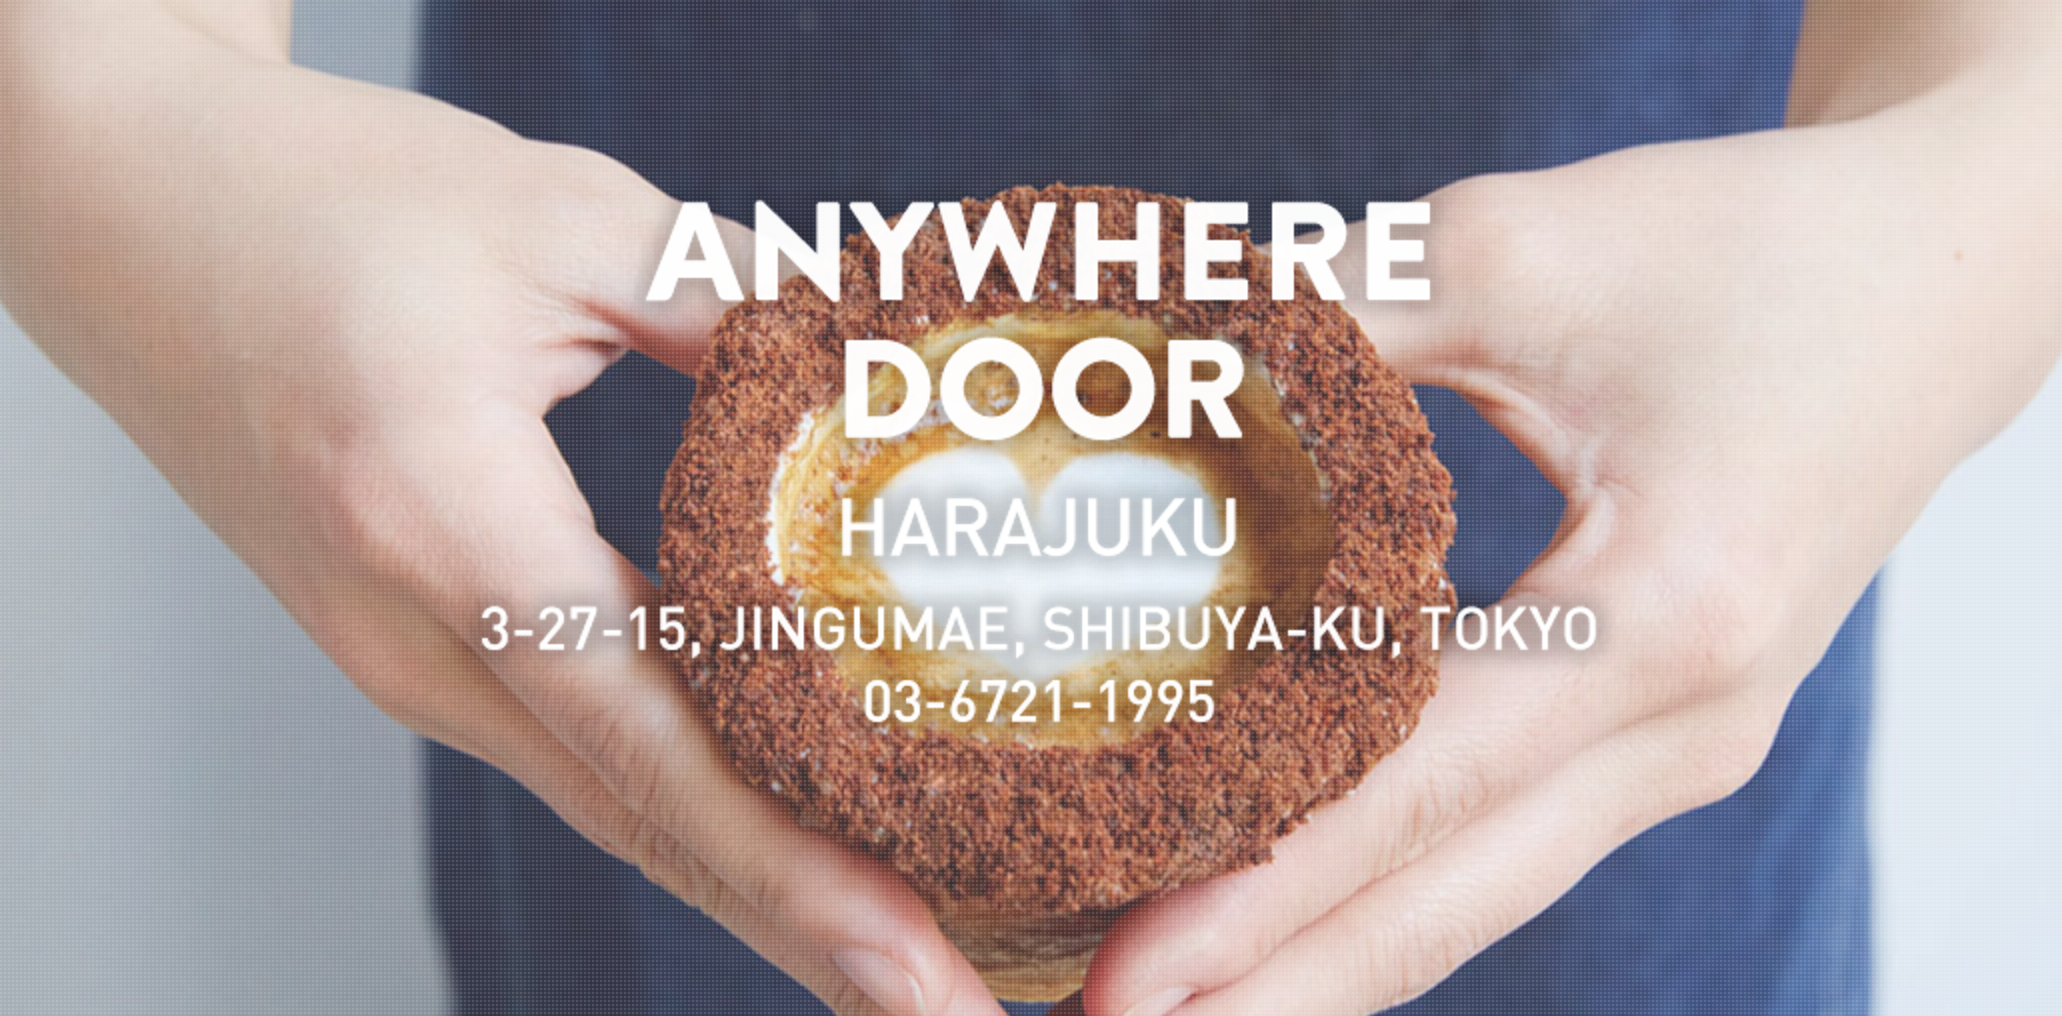 コーンショット「anywhere door」